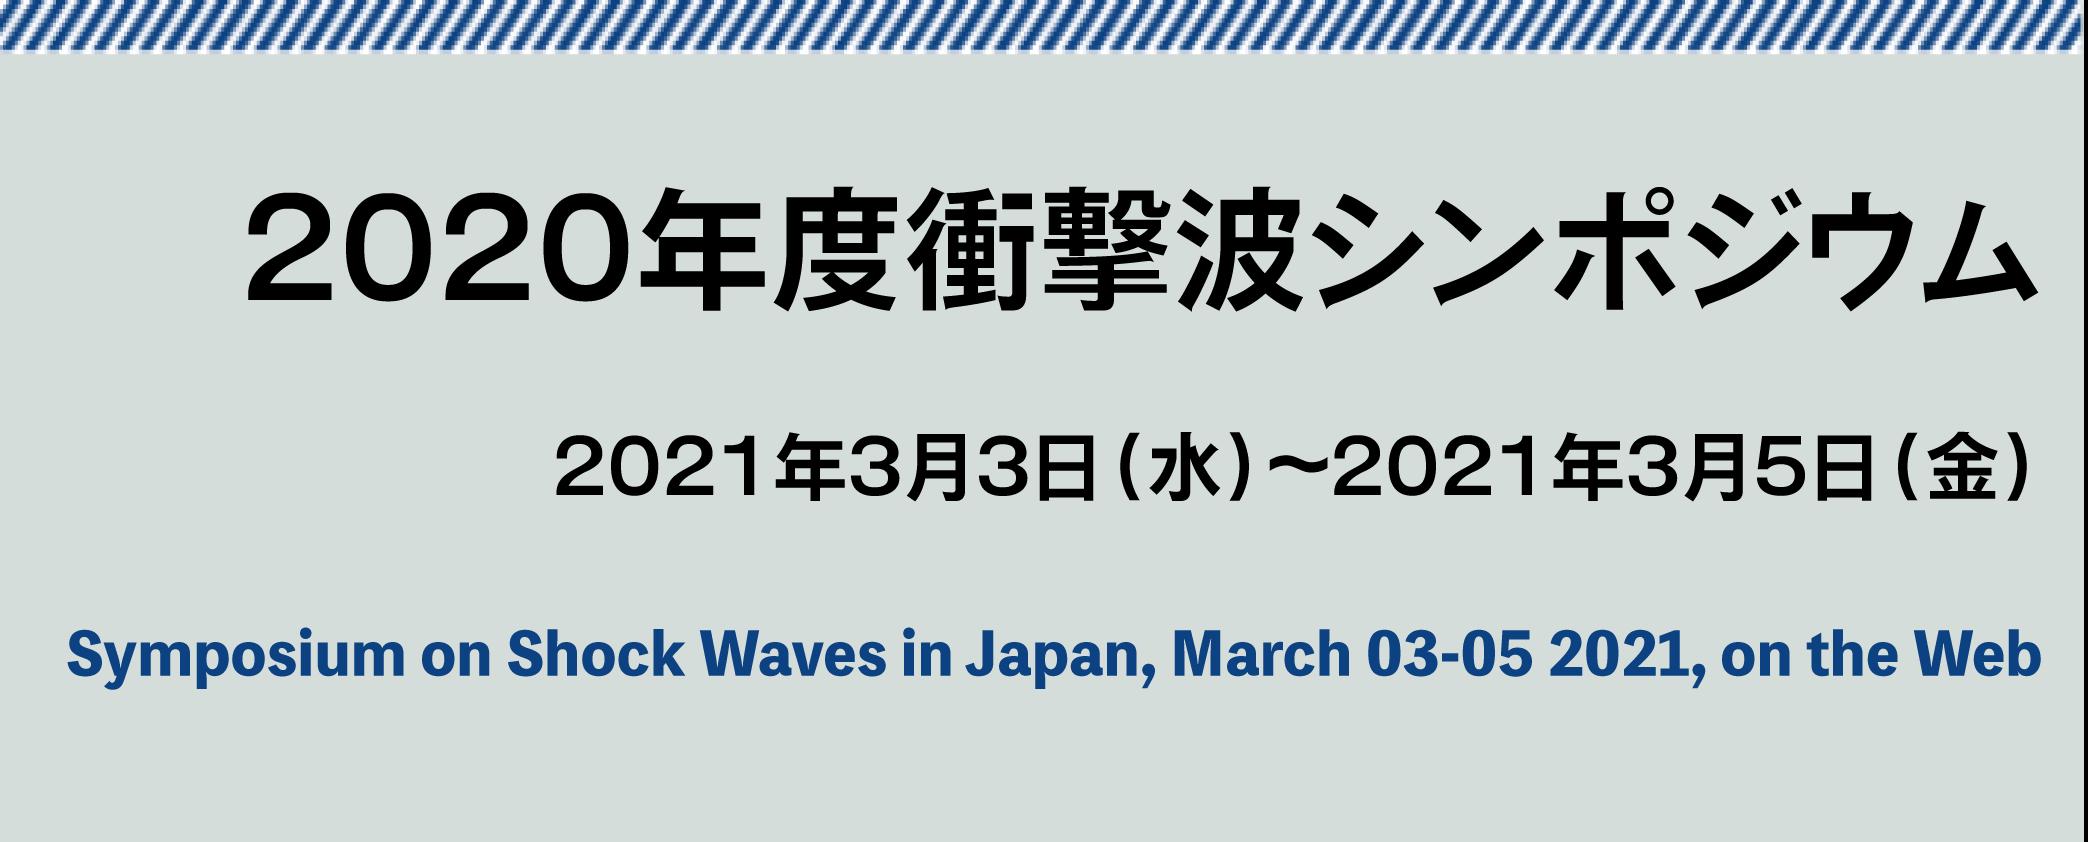 2020年度衝撃波シンポジウム 出展情報